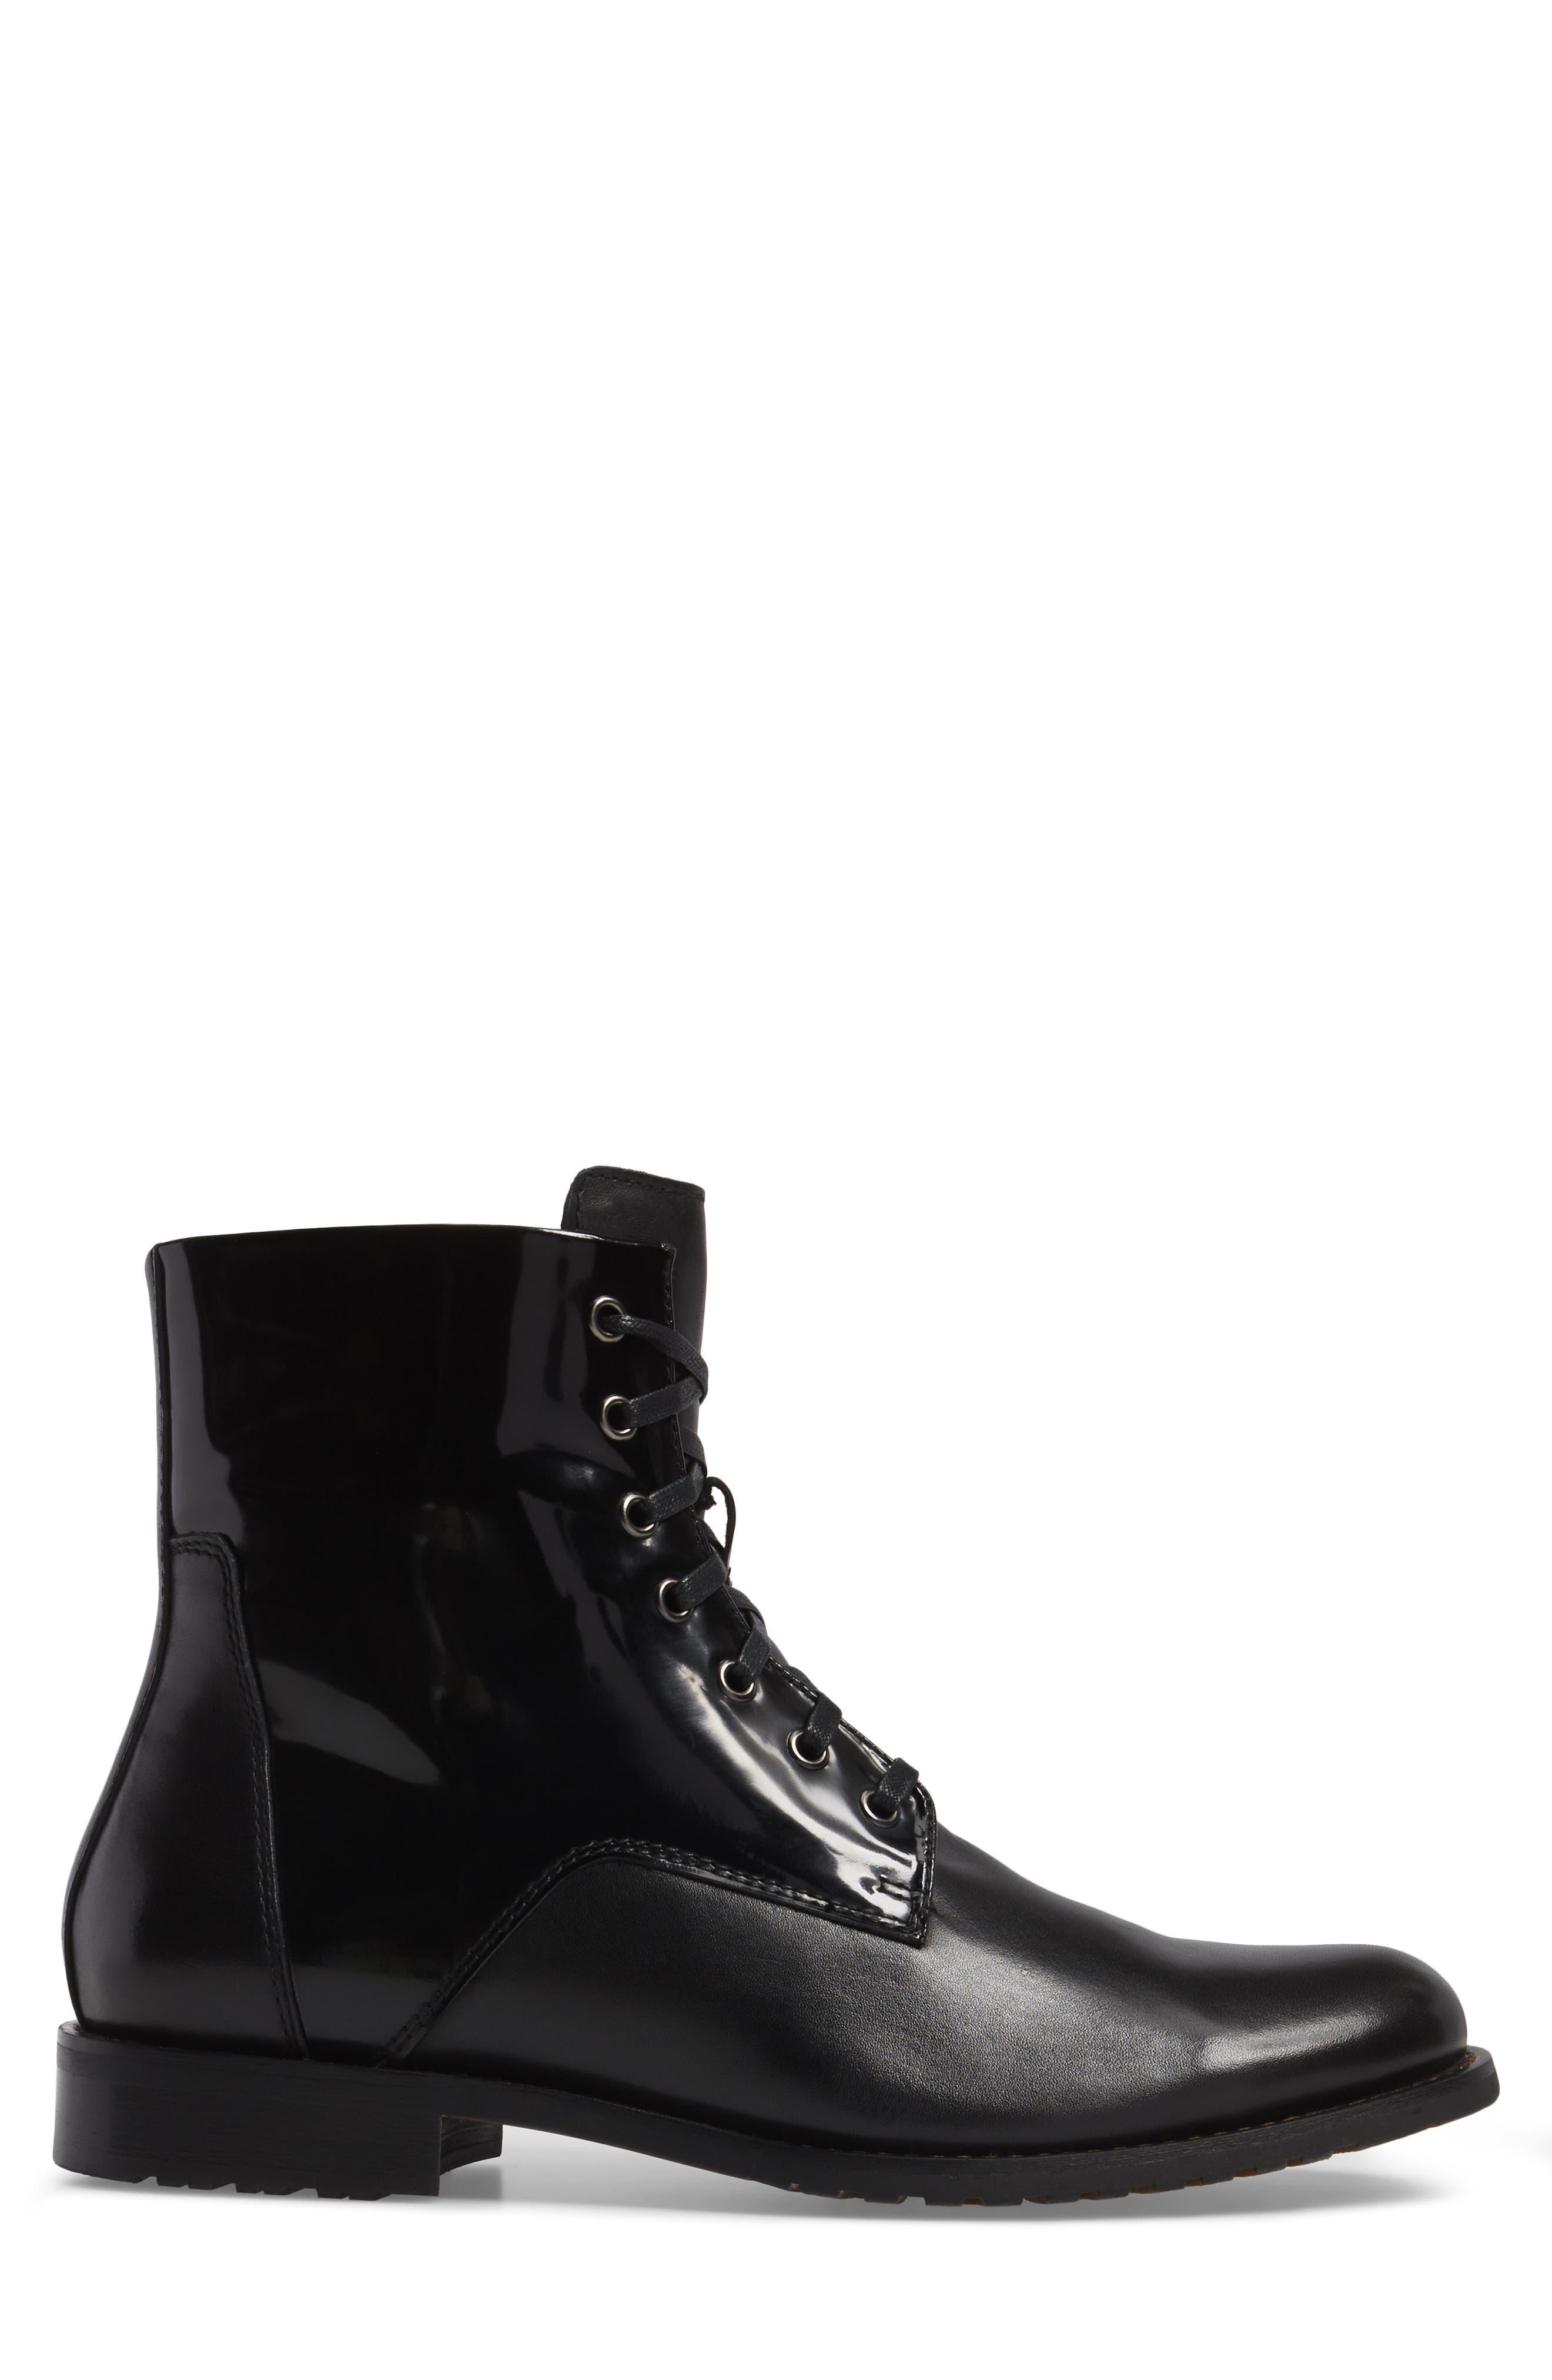 Athol Plain Toe Boot,                             Alternate thumbnail 3, color,                             Black Leather